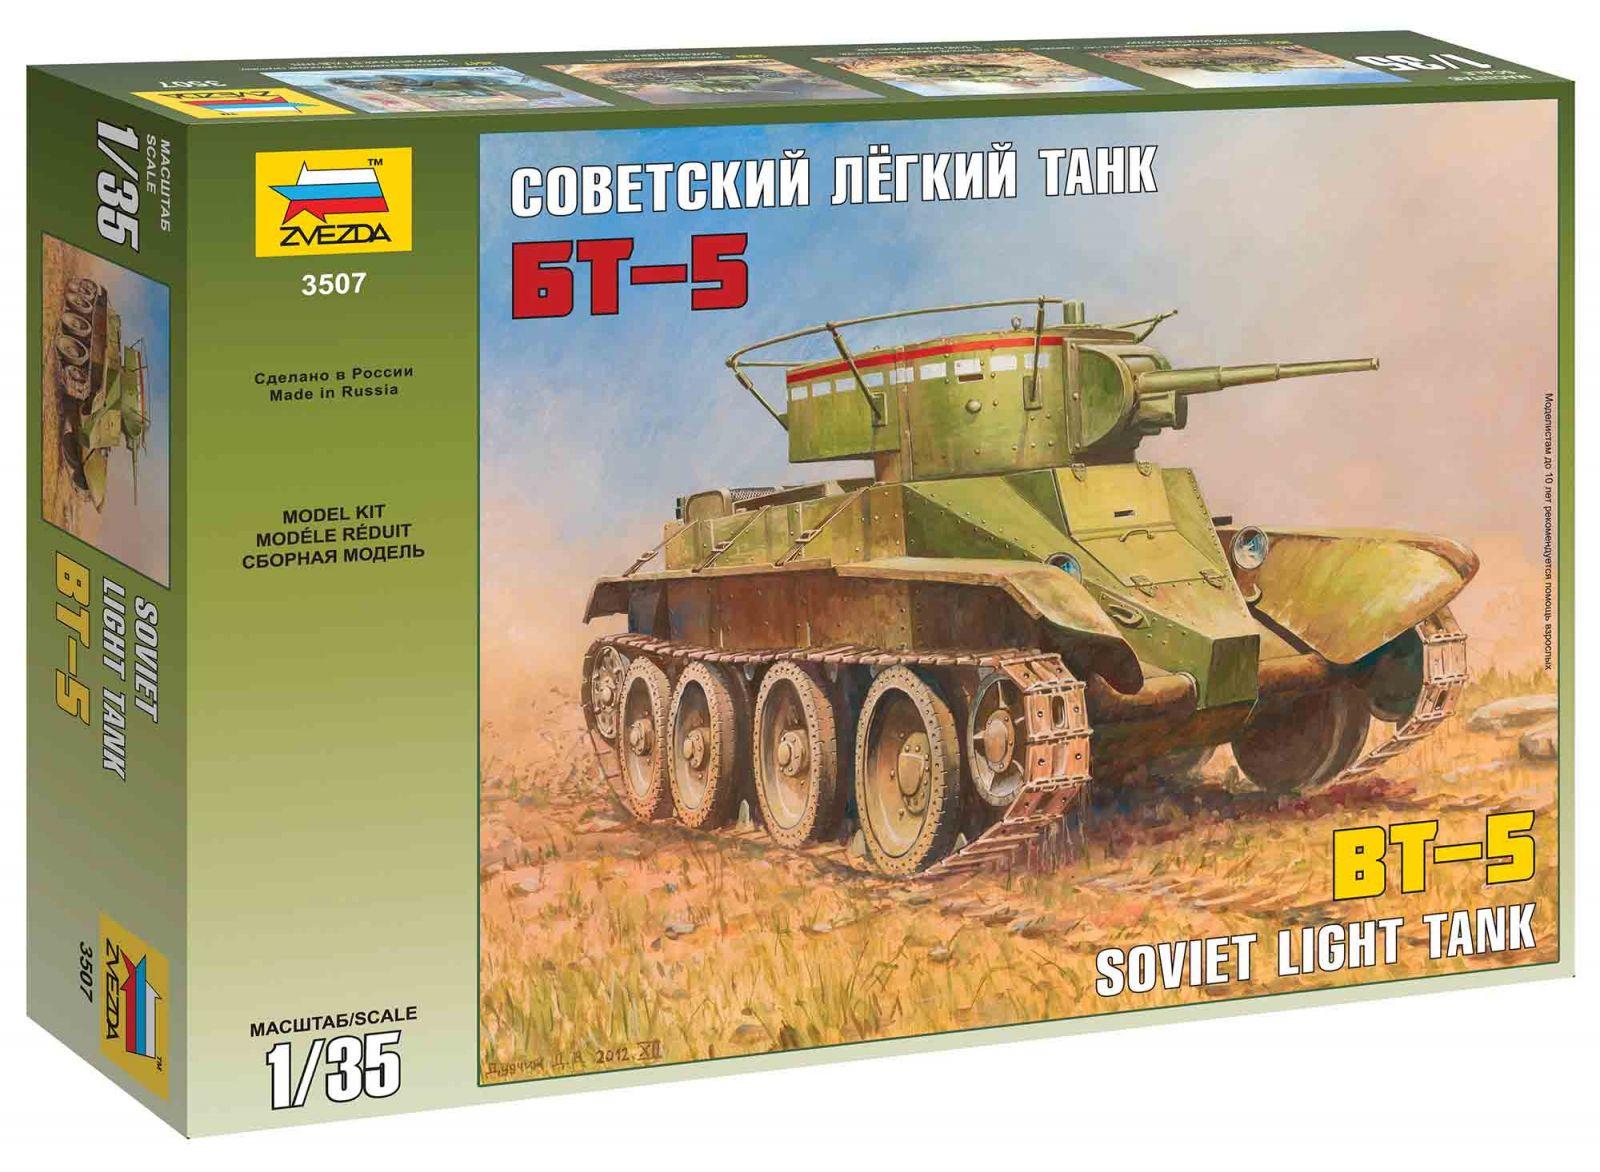 Model Kit tank 3507 - Soviet Tank BT-5 (1:35) Plastikové modely